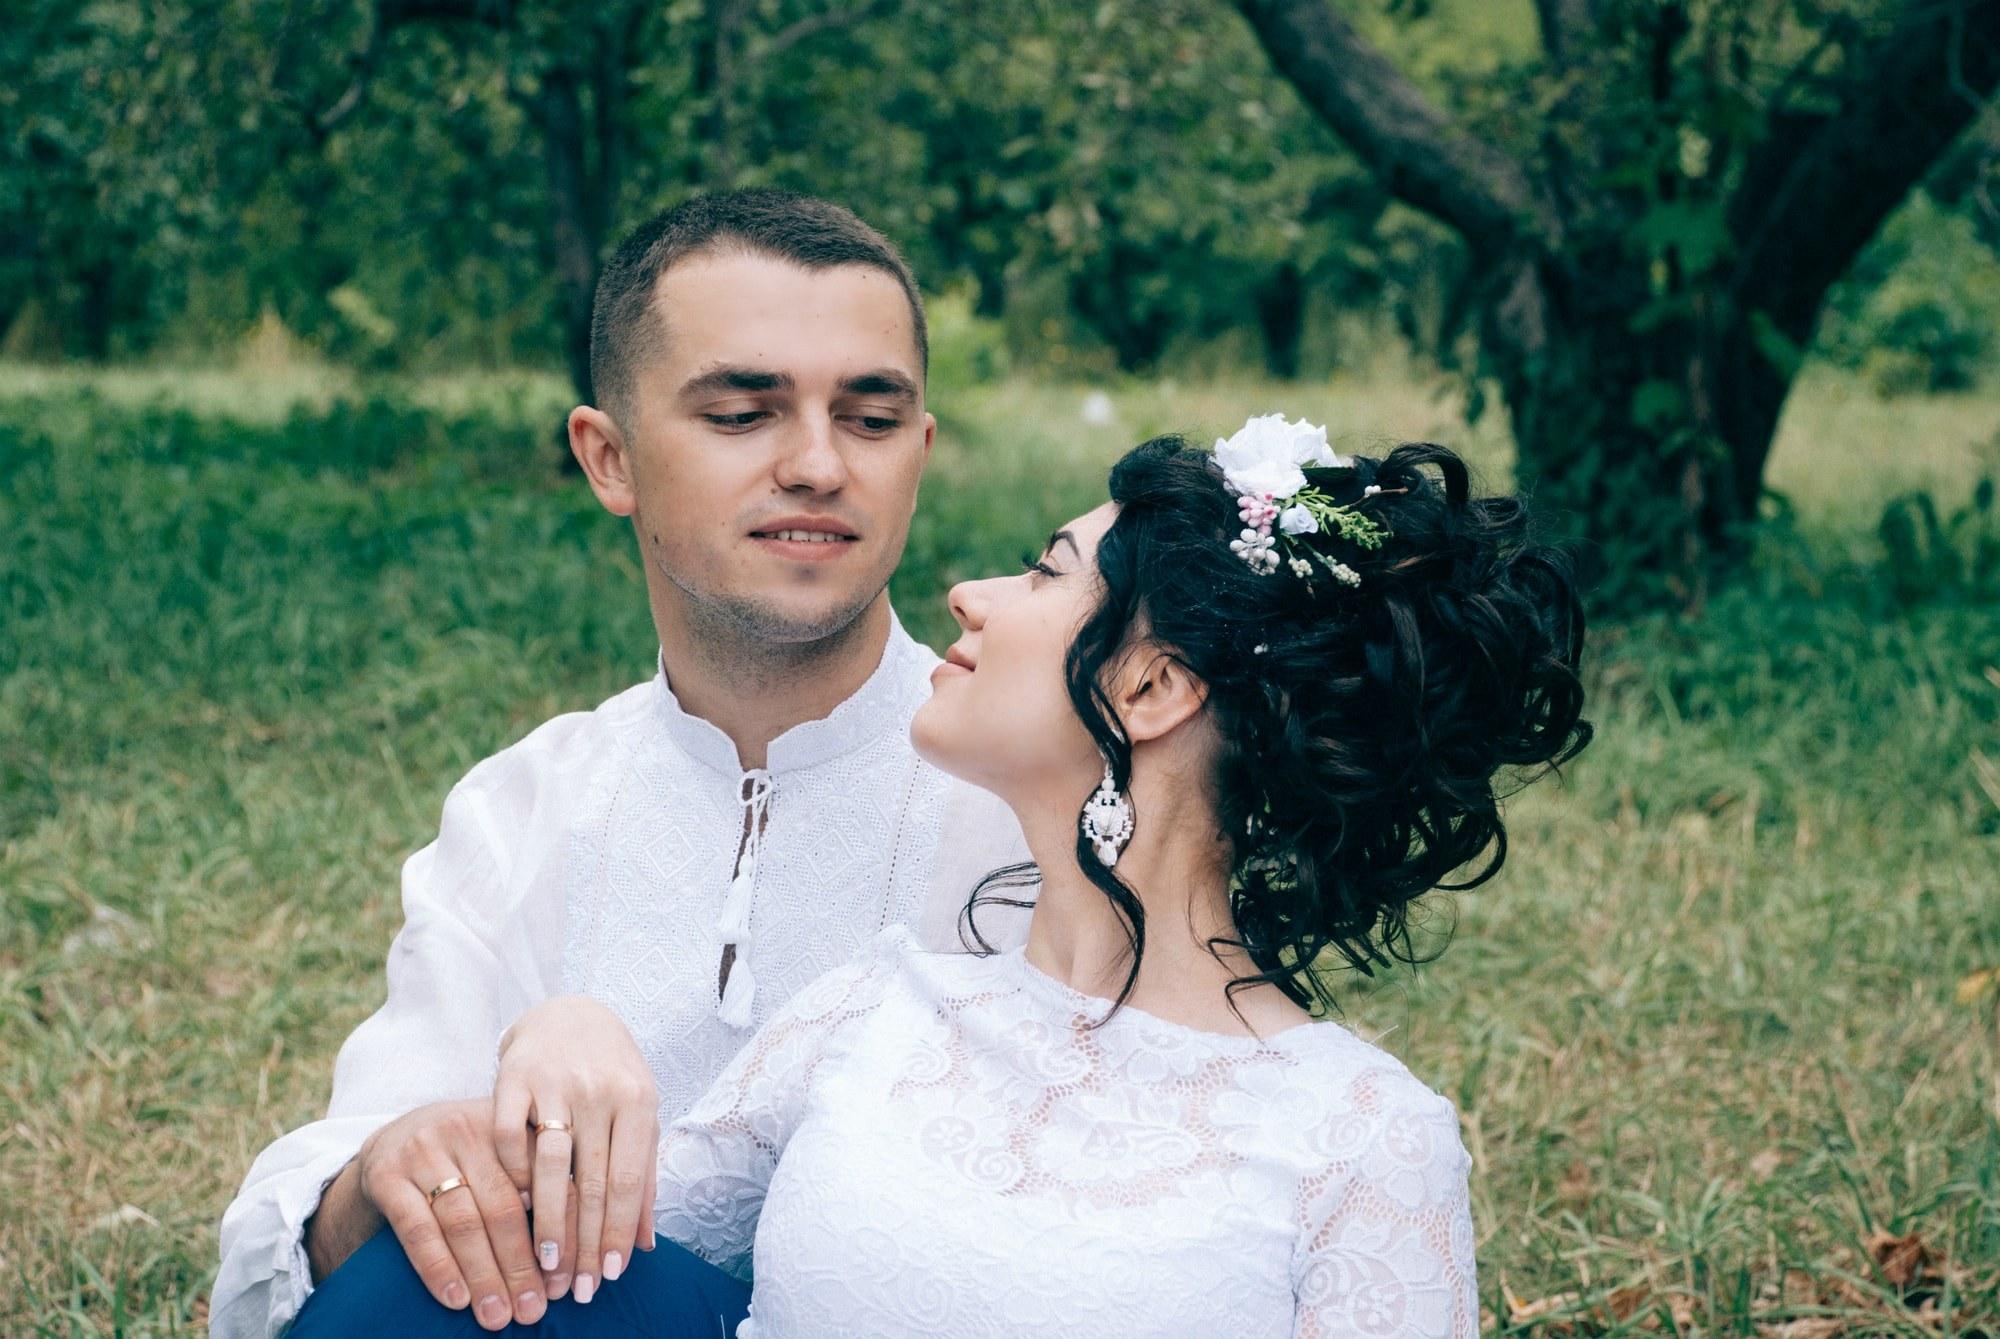 Взгляд жениха на невесту - Фотограф Киев - Женя Лайт